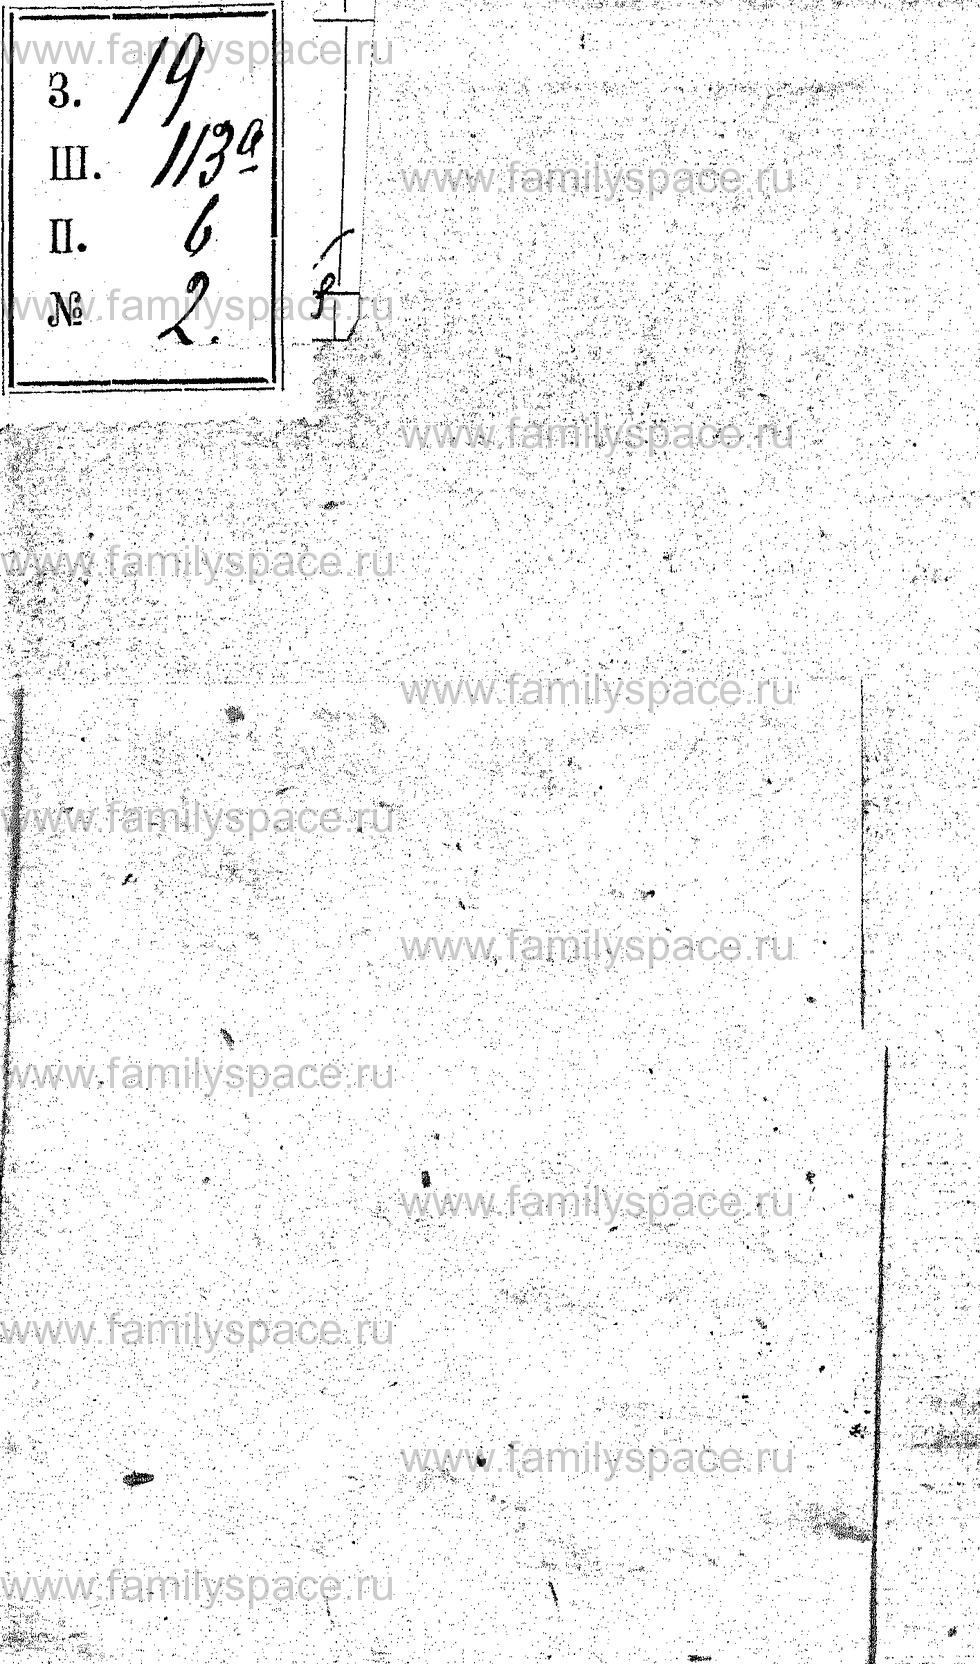 Поиск по фамилии - Памятная книжка Псковской губернии на 1909-1910 гг, страница 1